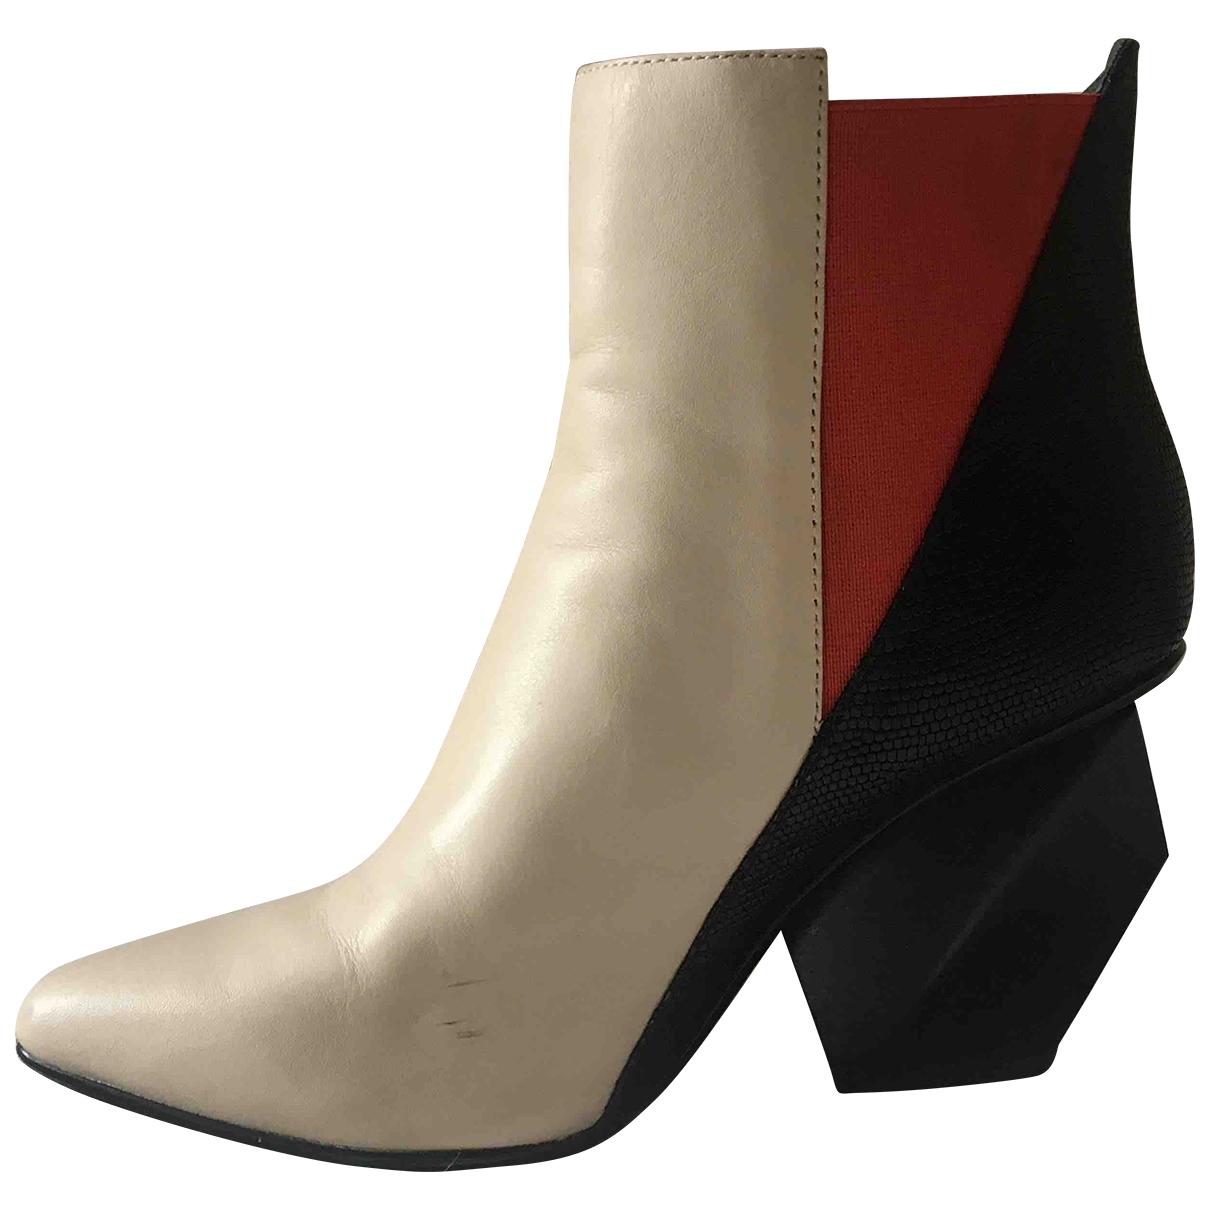 Helmut Lang - Boots   pour femme en cuir - multicolore